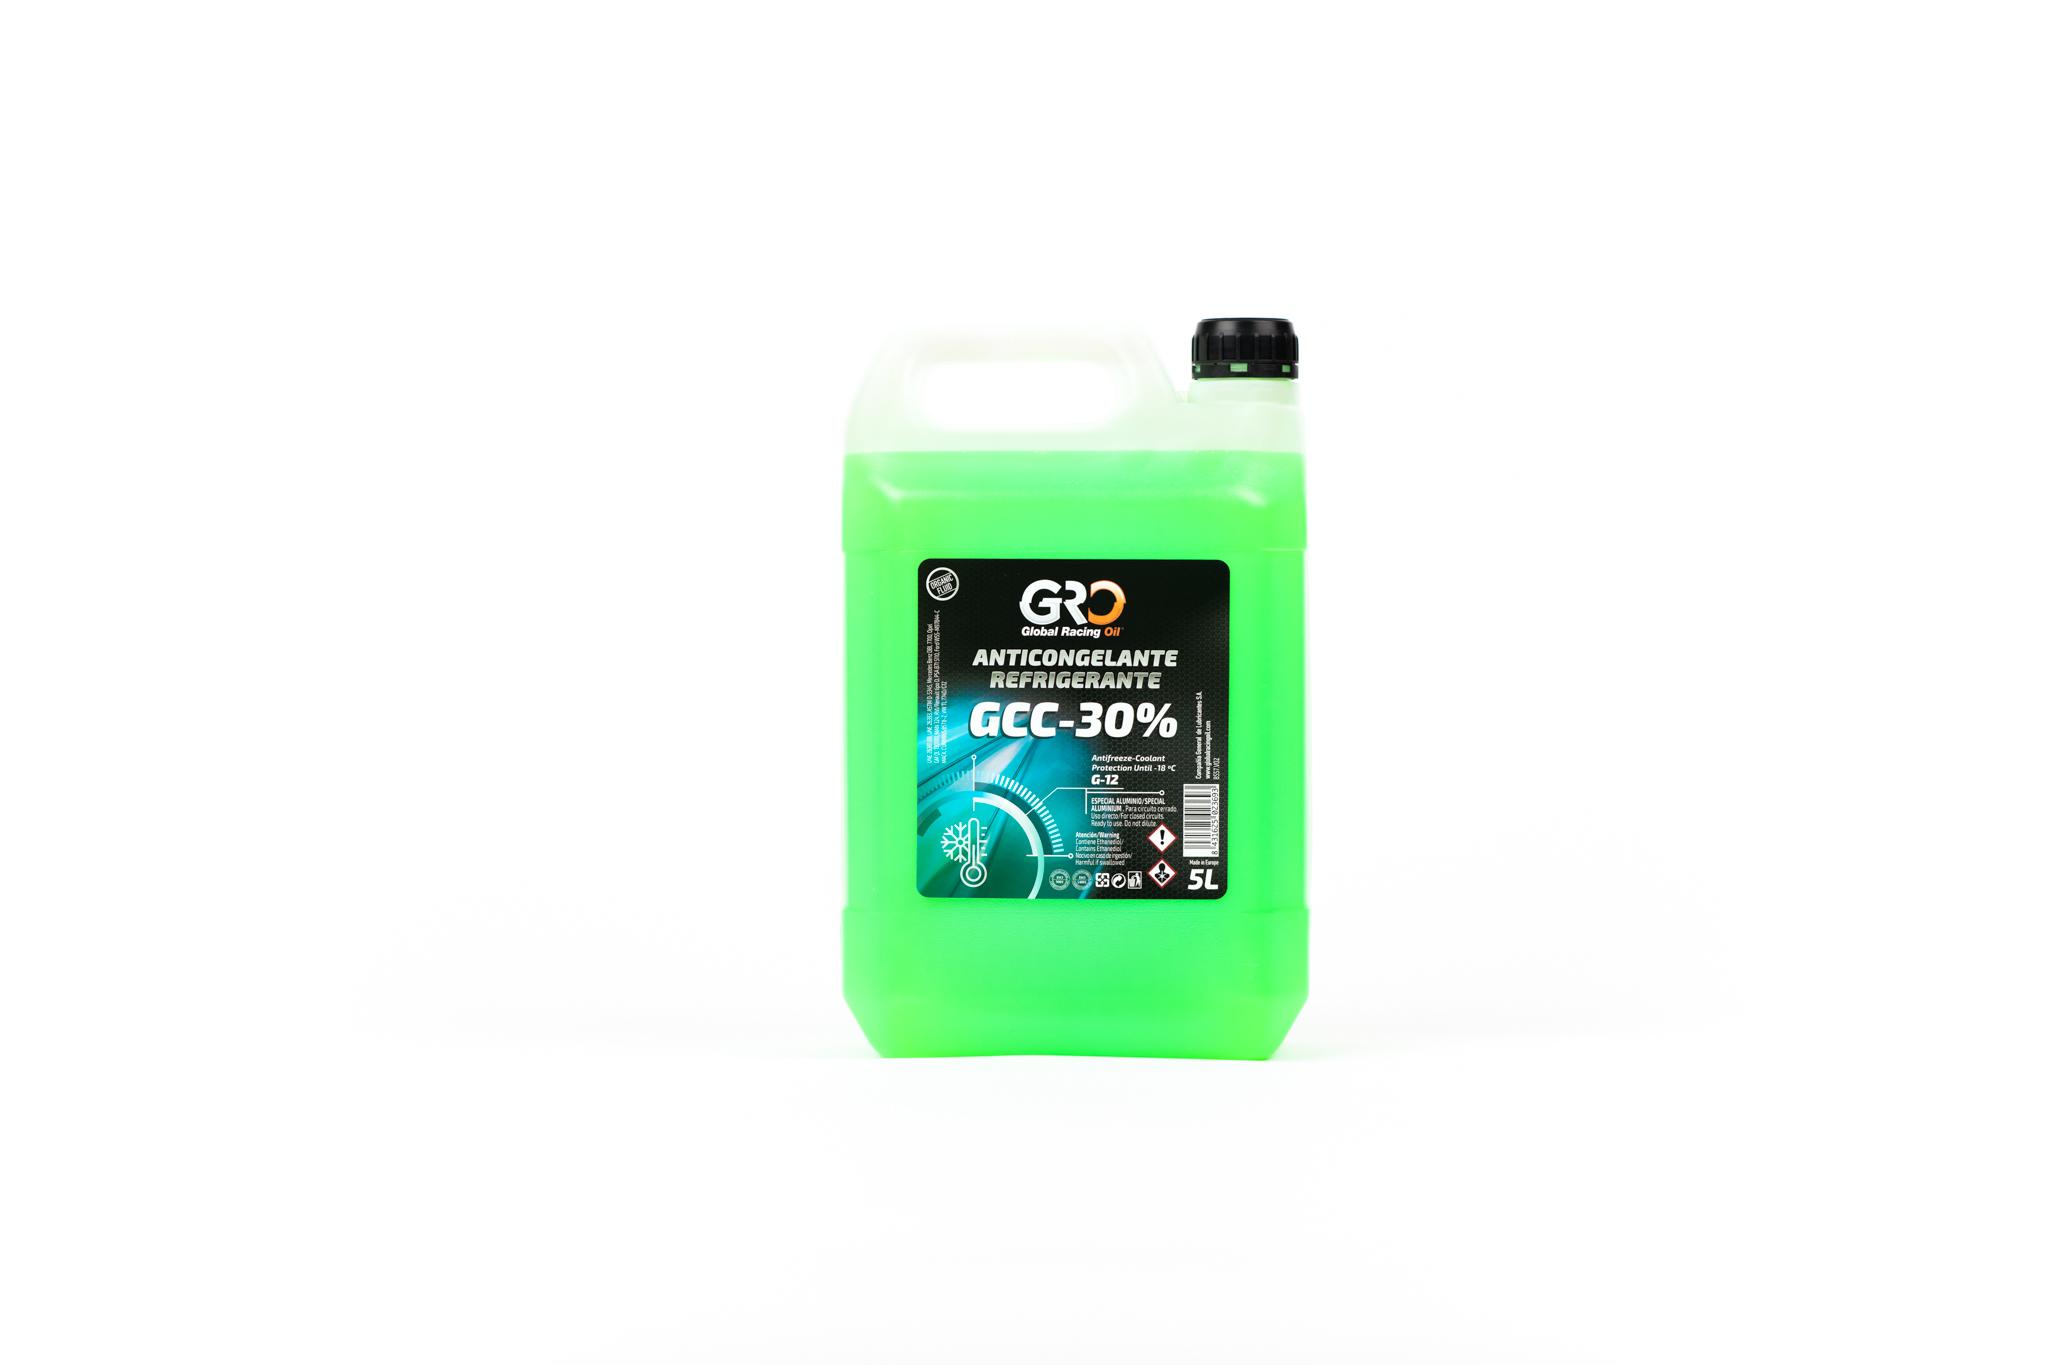 gro anticongelante-refrigerante gcc-30� verde 5l